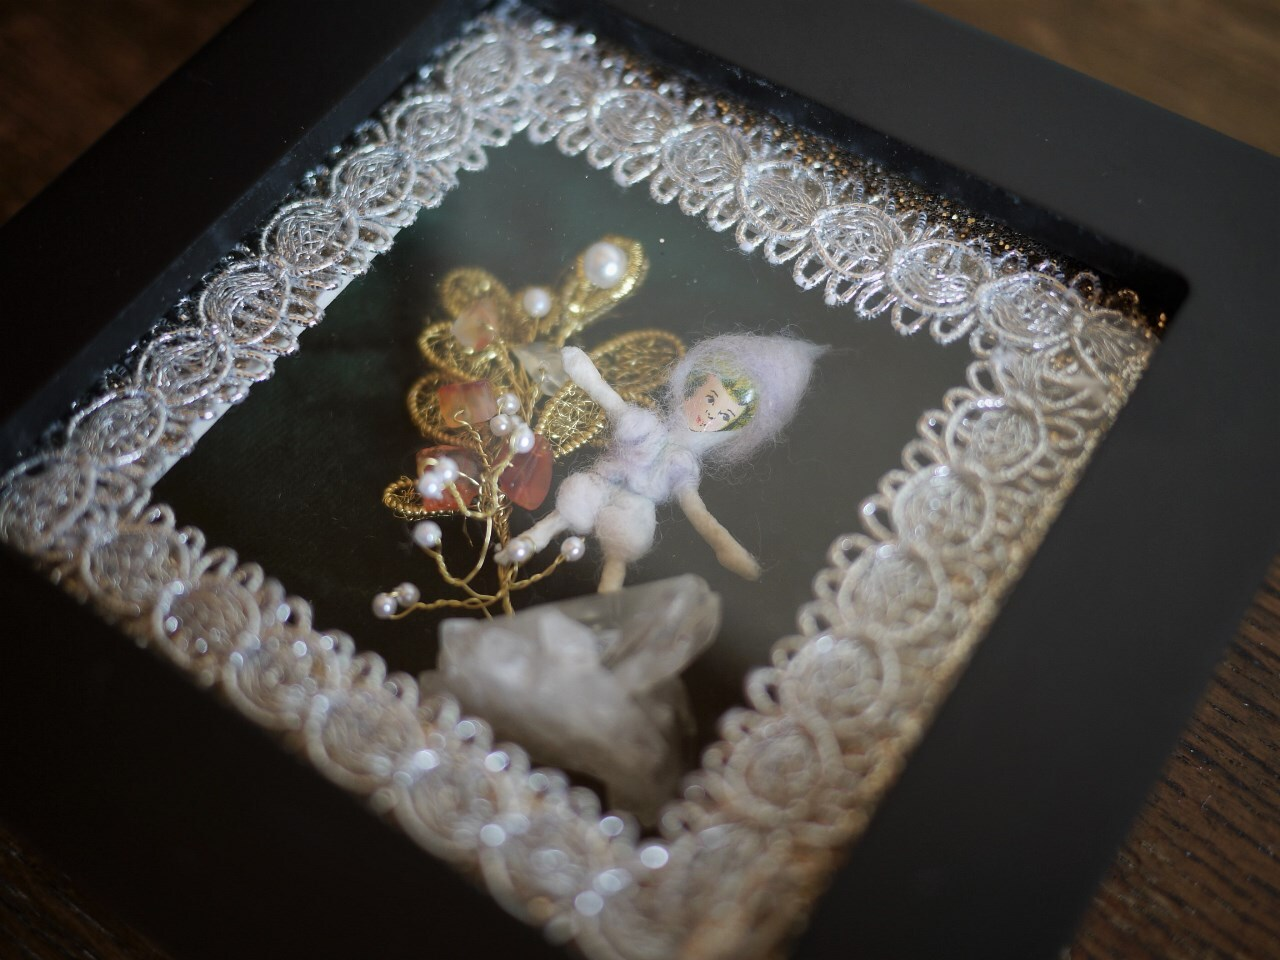 小人が水晶を見つけたら ドイツ伝統工芸 綿人形